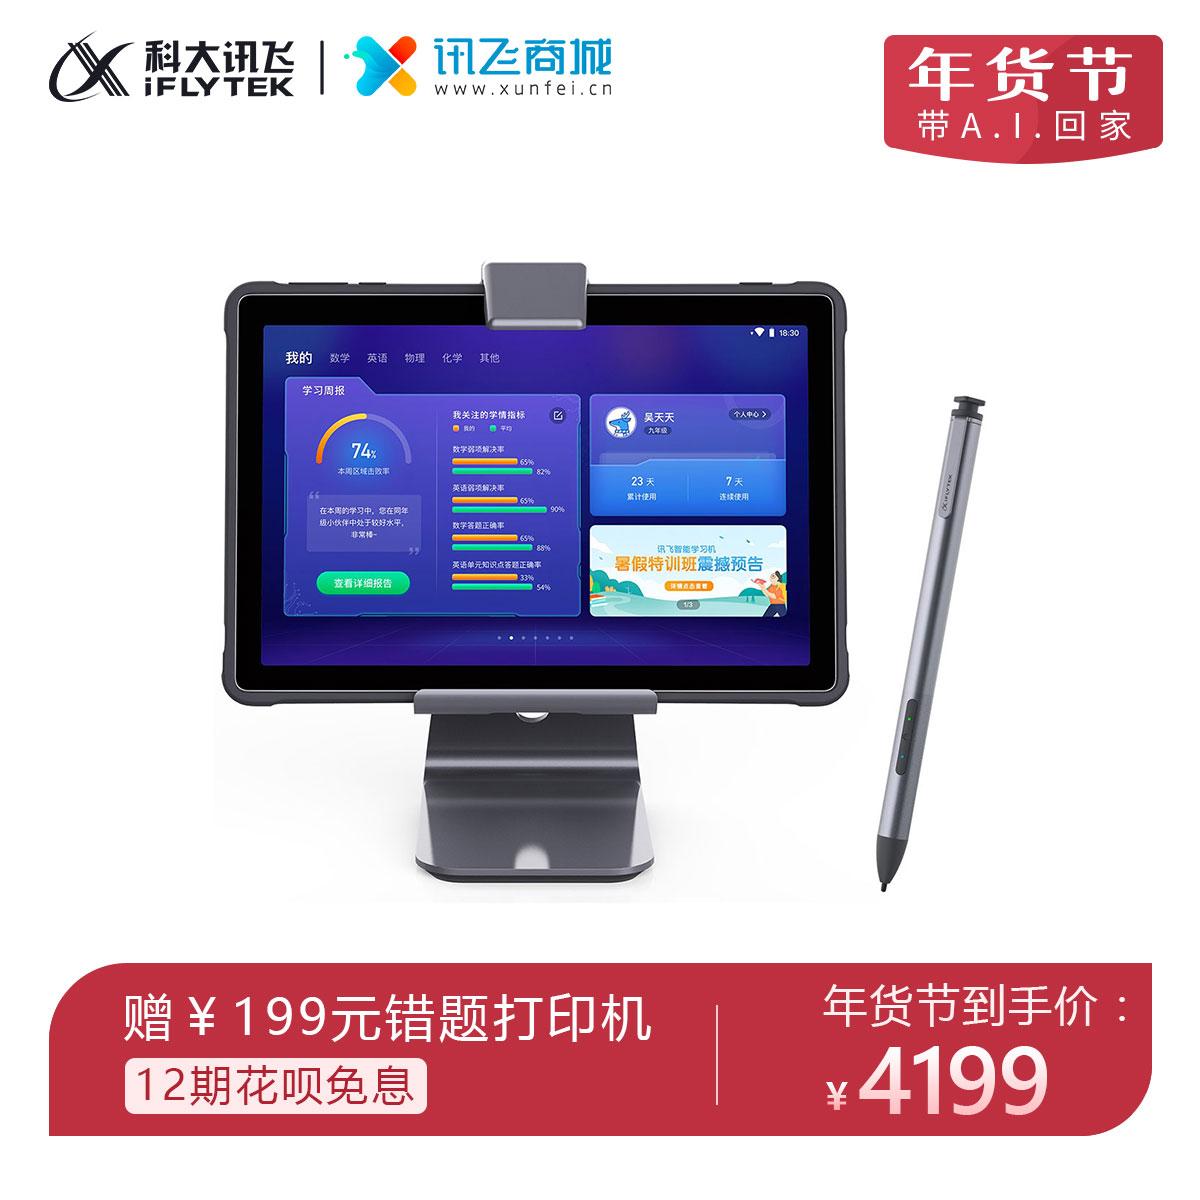 讯飞智能学习机X2 Pro【A.I.学习早教专场·年货节·年货节】